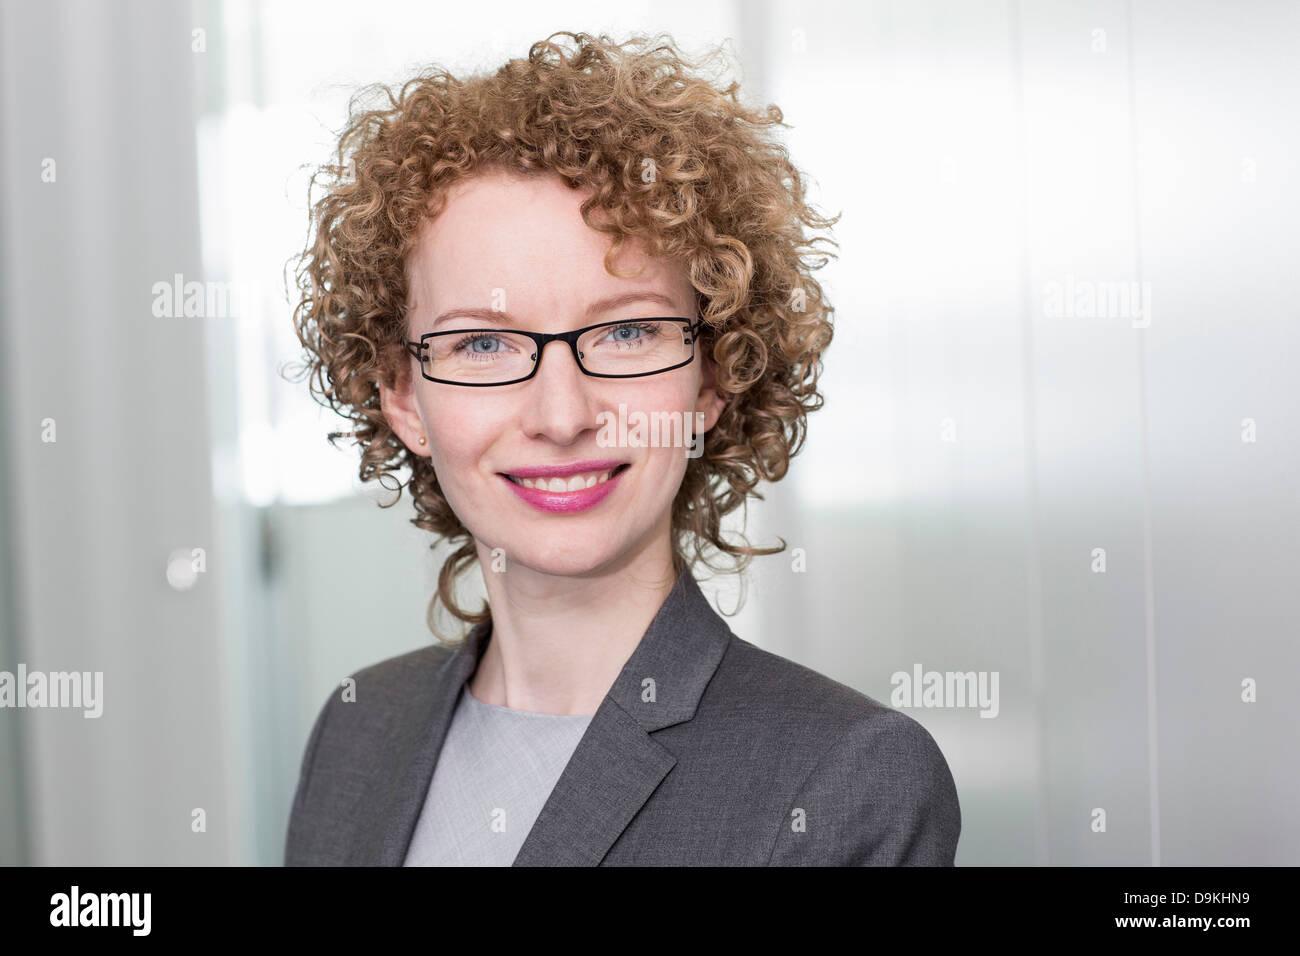 Porträt der Geschäftsfrau mit lockigem Haar Stockbild